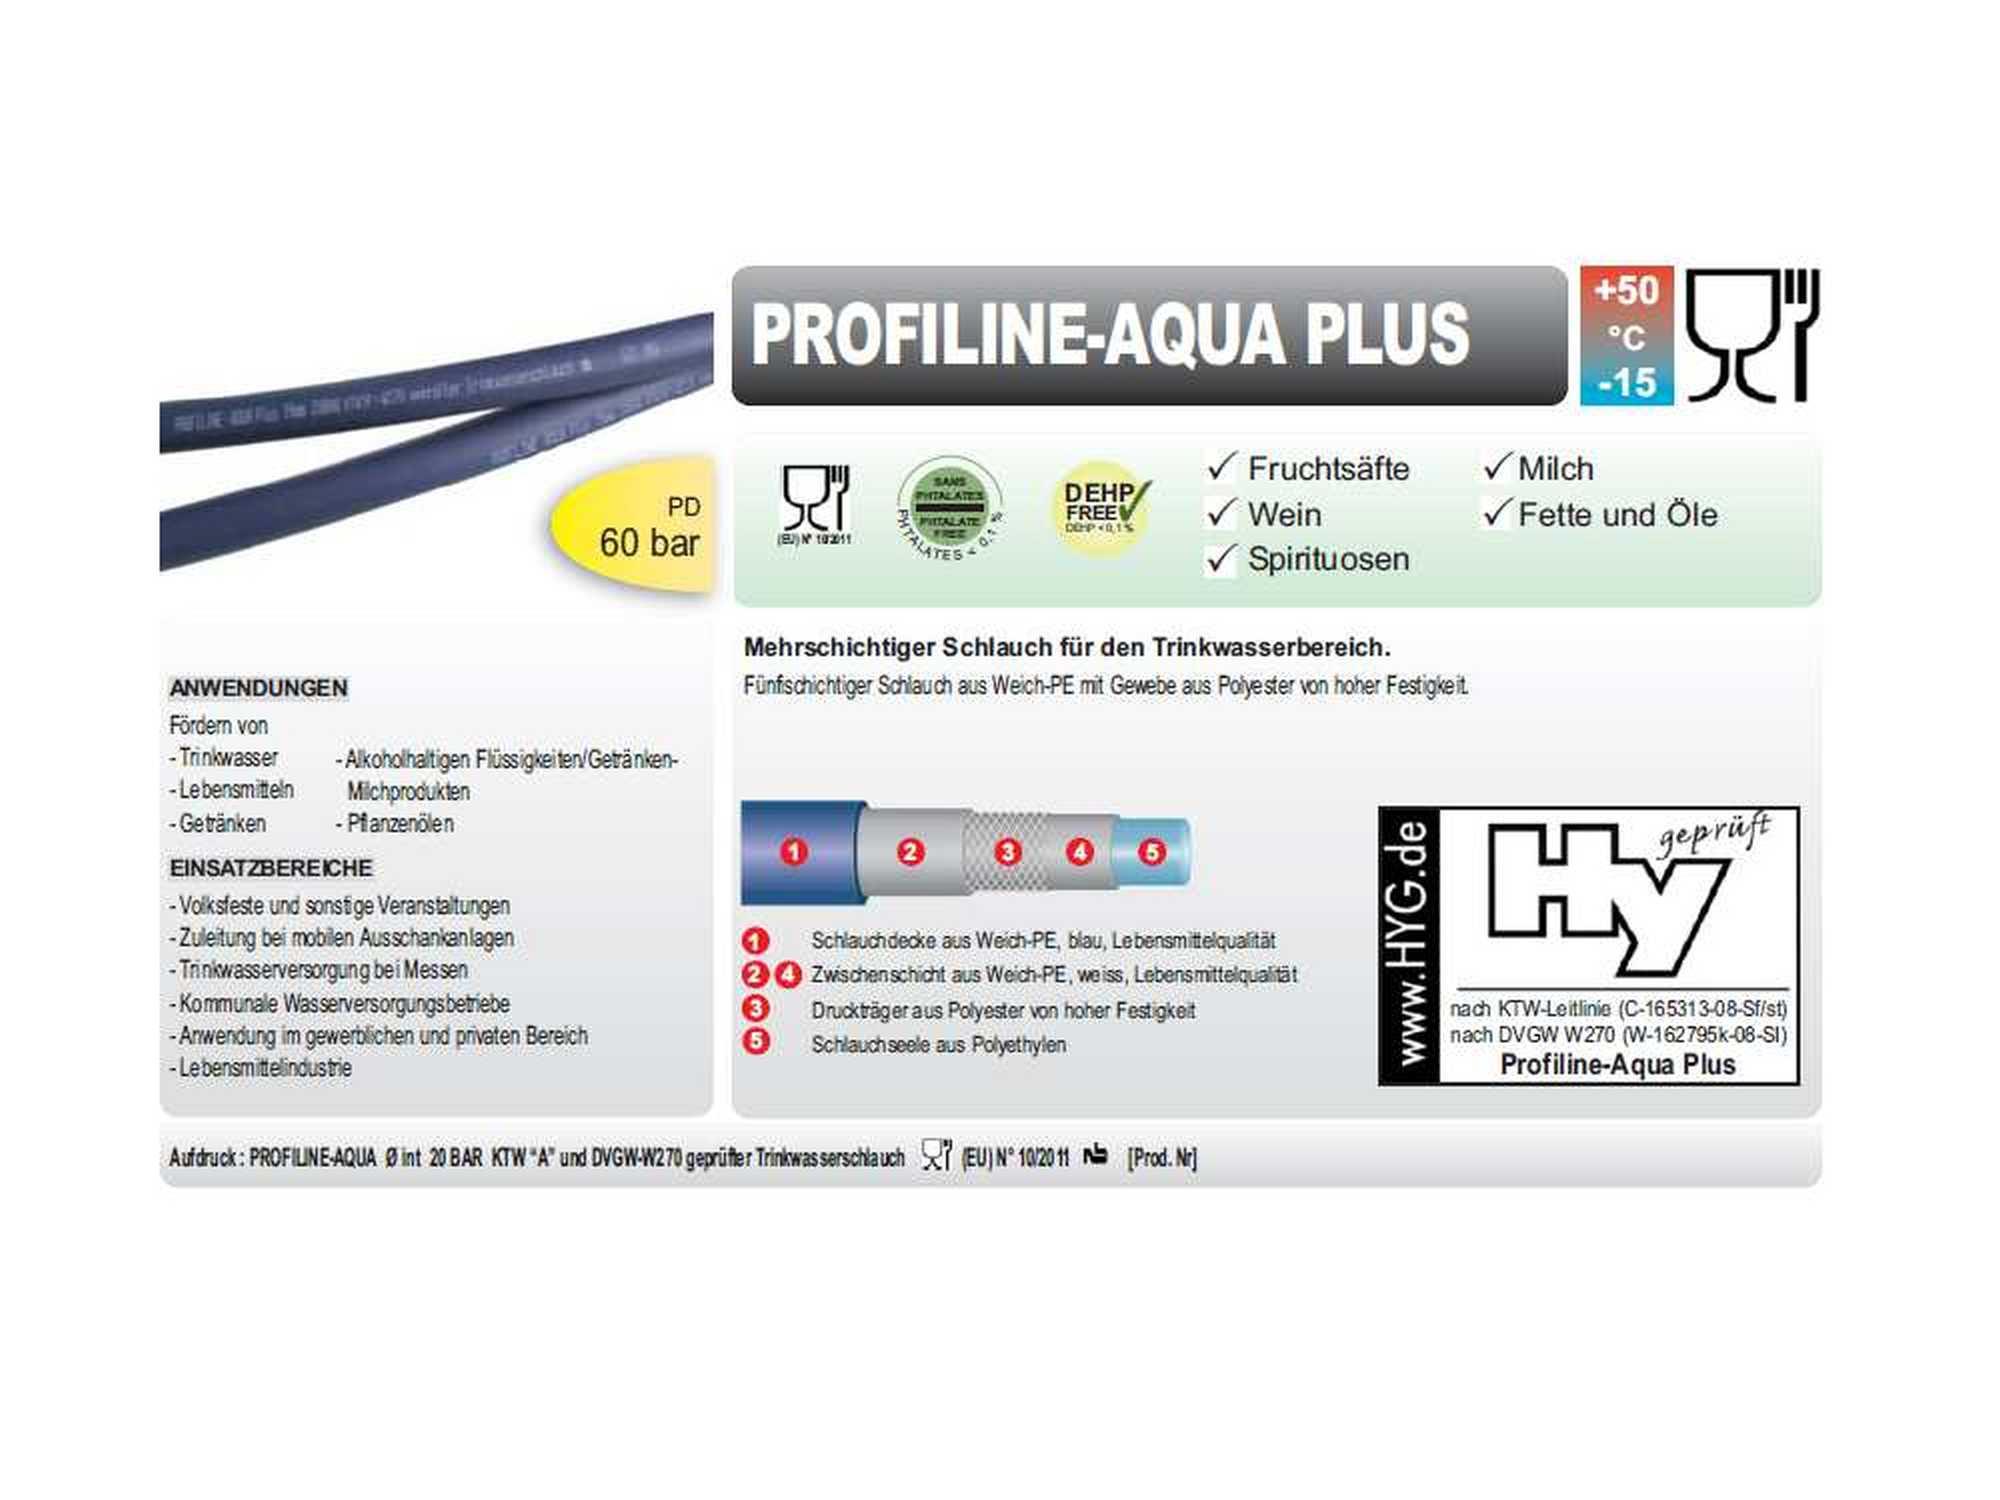 Trinkwasserschlauch Profiline Aqua Plus komplett mit GEKA plus Schnellkupplungen montiert